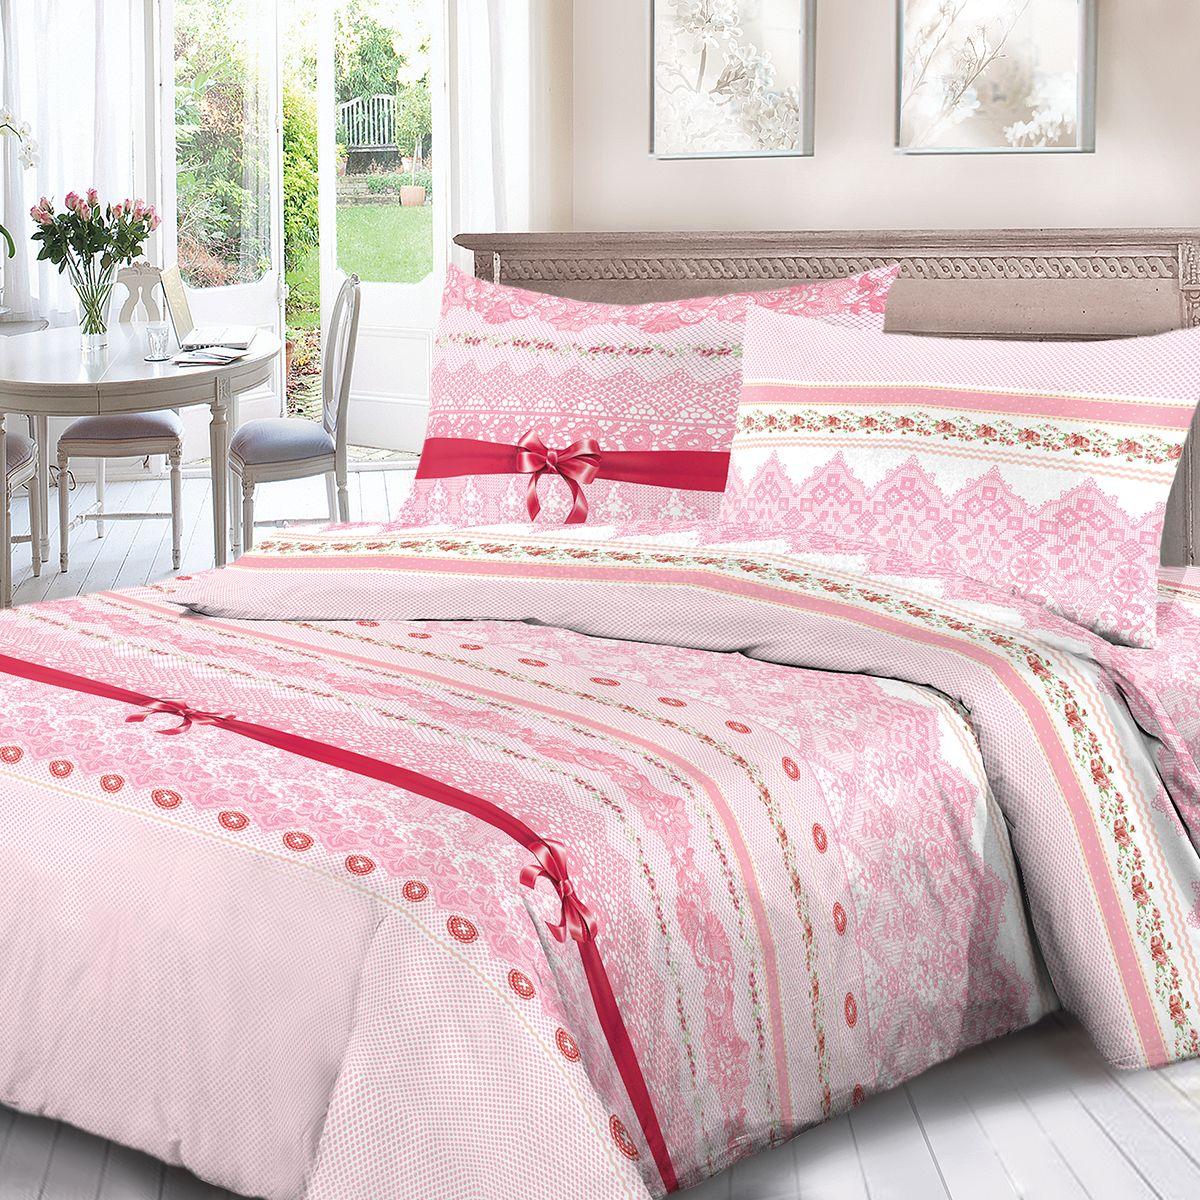 Комплект белья Для Снов Бал, 1,5-спальный, наволочки 70x70, цвет: розовый. 4062-183517Постельное белье Для Снов, выполненное из высококачественного поплина (ткань Традиция), в составе которого находится только 100% мерсеризованный хлопок - это идеальный выбор современной женщины.Преимущества: - Ткань прочнее обычной, при этом мягкая и шелковистая; - Цвета яркие и устойчивые; - Высокая гигроскопичность; - Меньше мнется, не линяет и не садится при многократных стирках; При производстве используются только безопасные красители ведущего швейцарского производителя BEZEMA. Восхитительная упаковка придает комплекту подарочный вид.В комплекте:пододеяльник (145 х 215 см),2 наволочки (70х70 см),простыня (150 х 215 см).Советы по выбору постельного белья от блогера Ирины Соковых. Статья OZON Гид